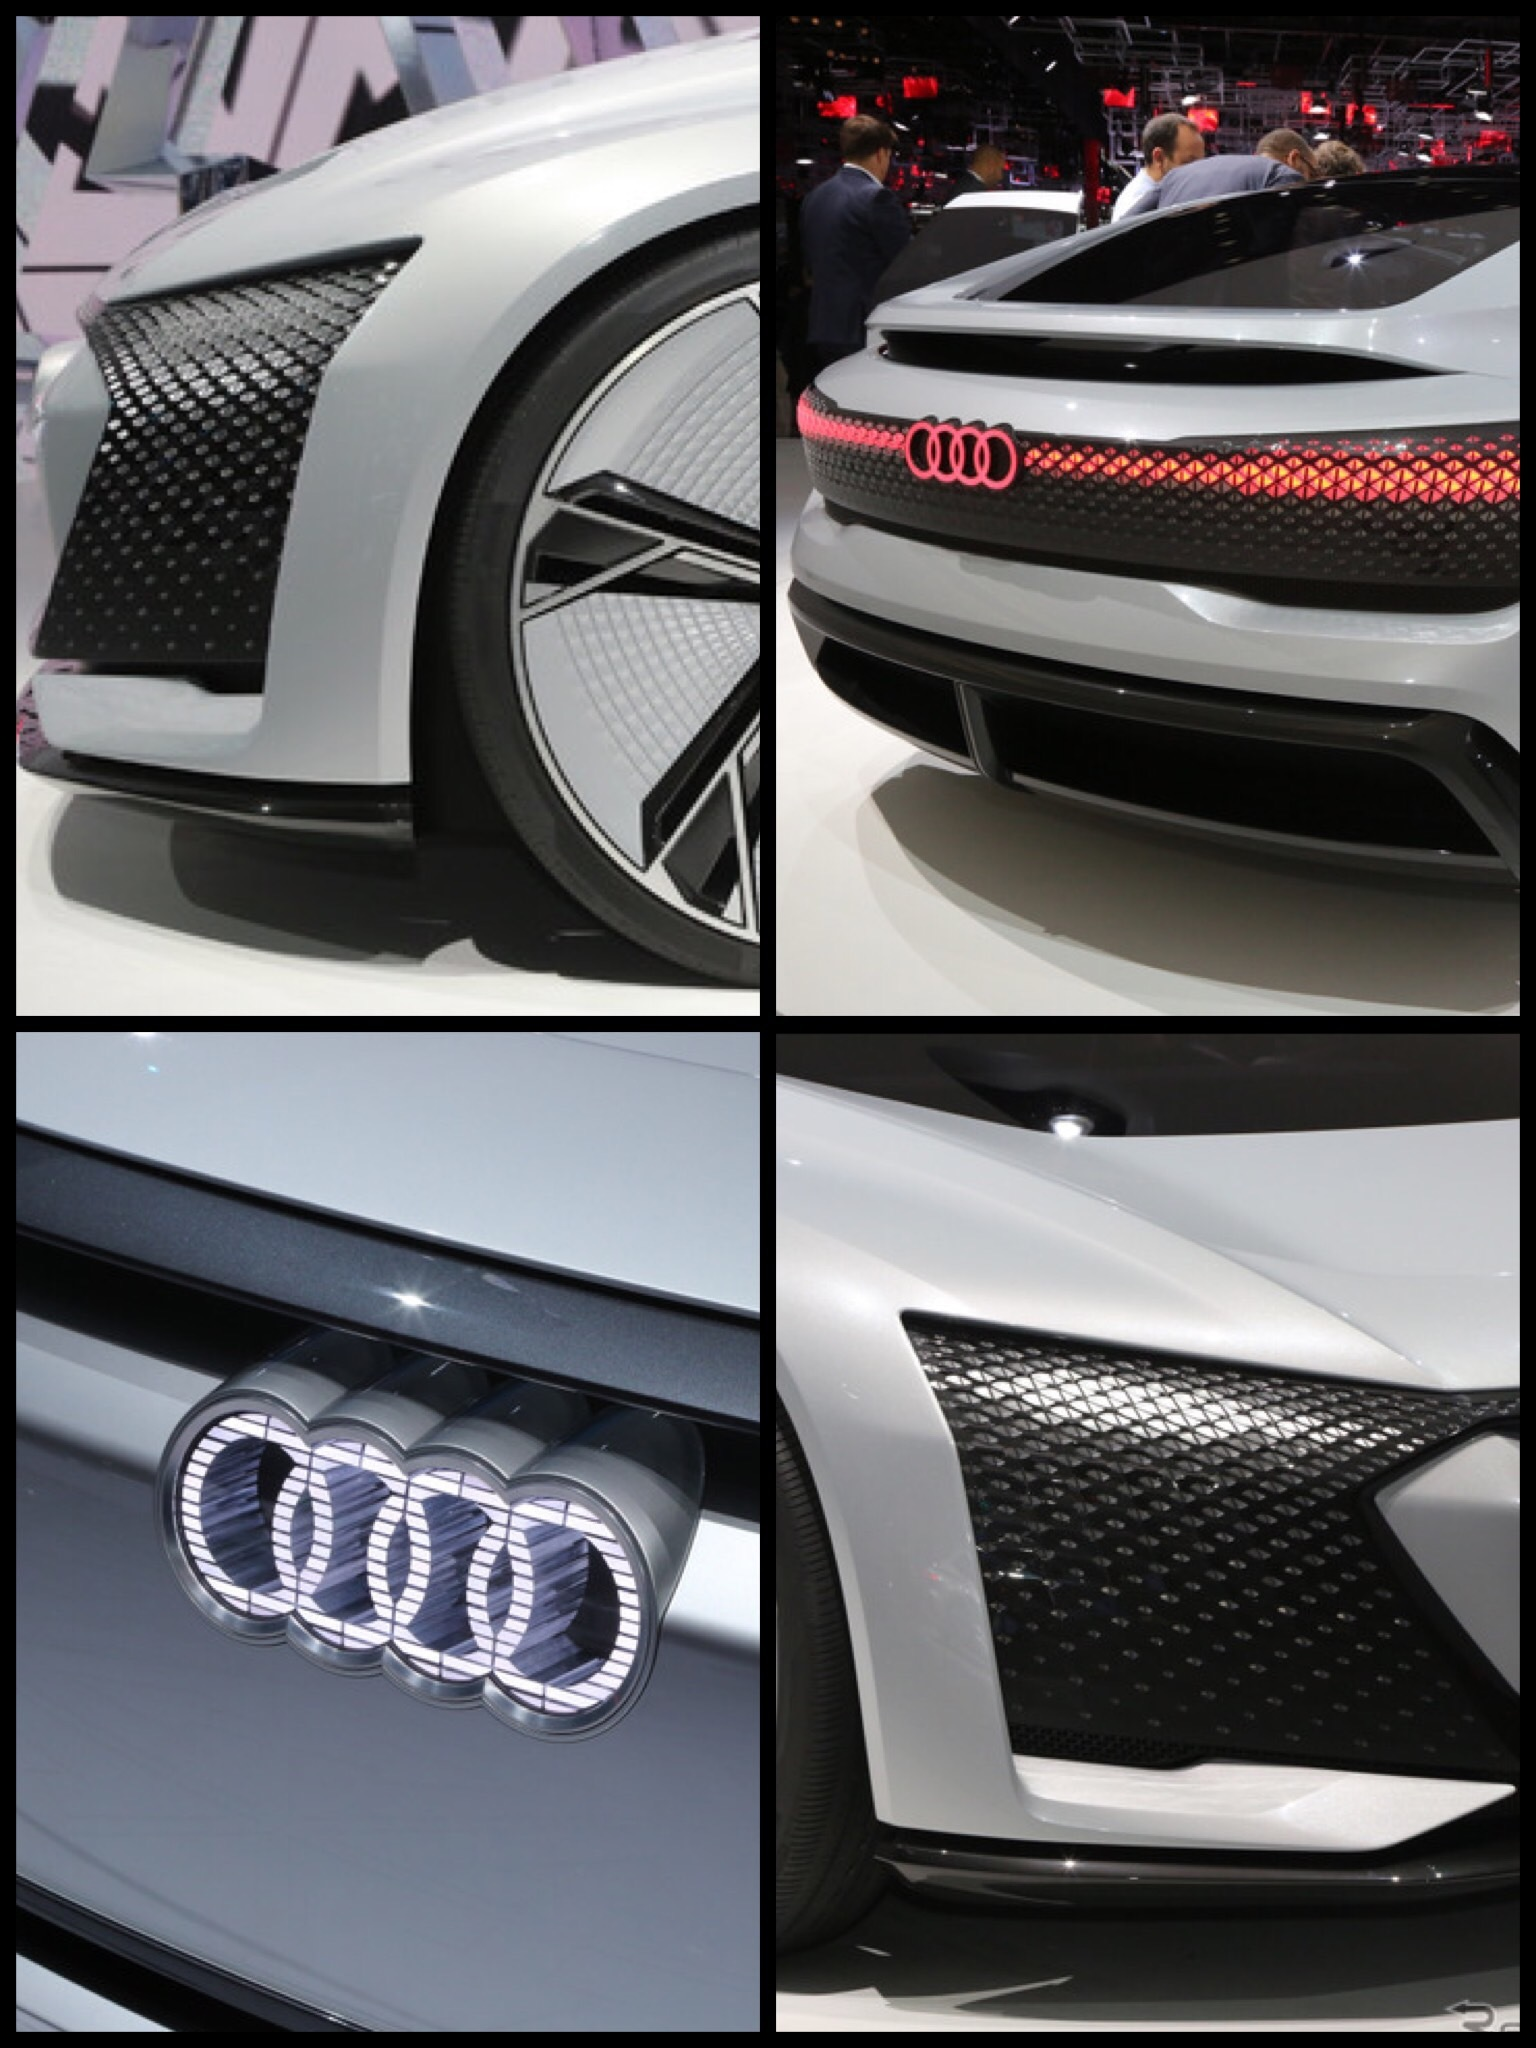 アウディ アイコン Audi aicon revel5 自動運転 EV ハンドルが無い